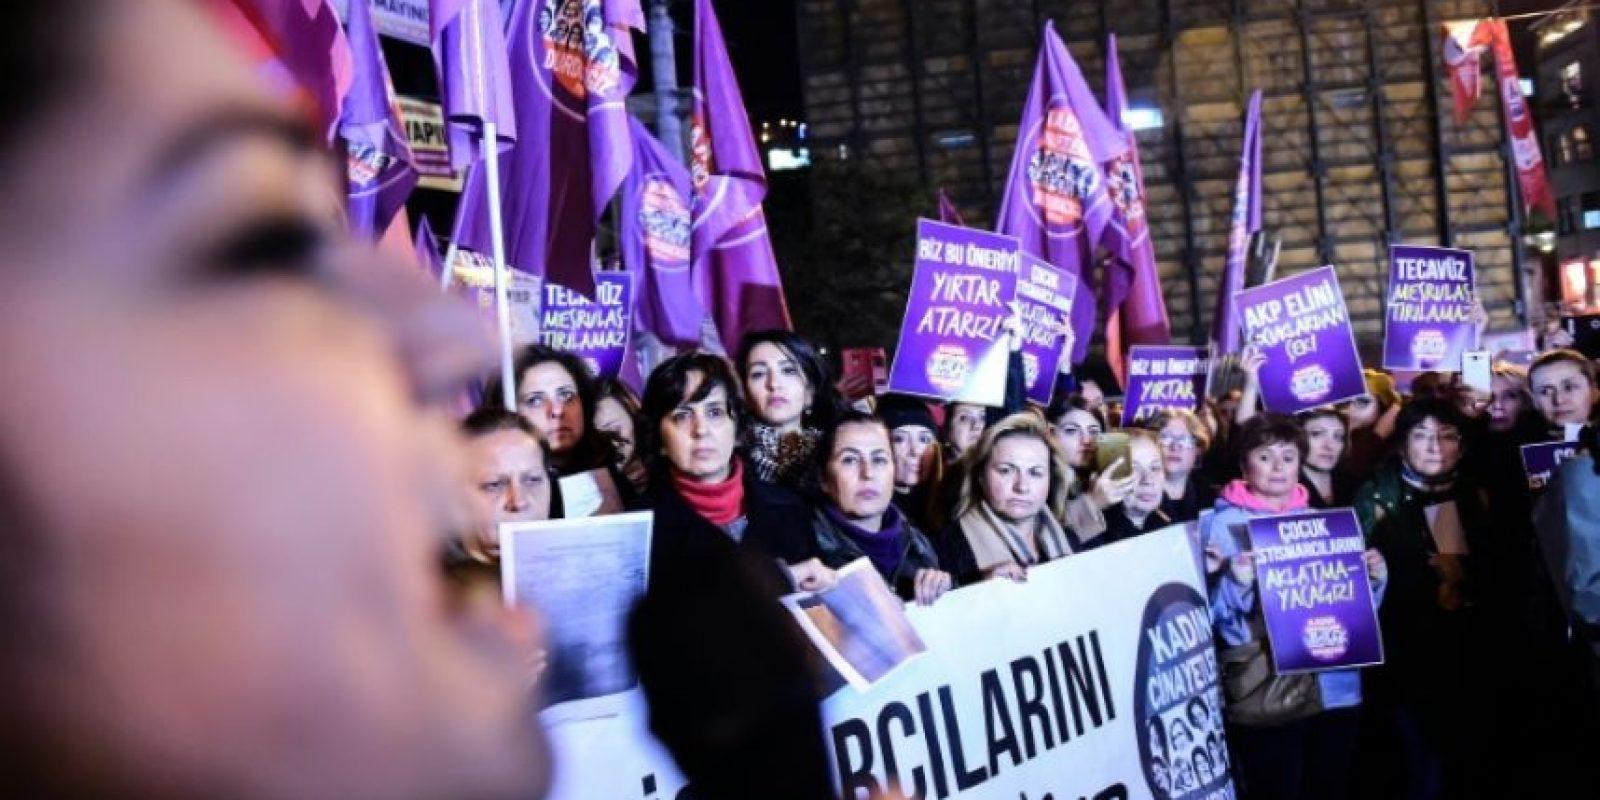 Mujeres gritando eslóganes y con pancartas contra la propuesta de ley turca sobre agresiones sexuales a menores, que consiente en algunos casos anular la condena si el culpable se casa con la víctima, el 18 de noviembre de 2016 en Estambul Foto:Yasin Akgul/afp.com